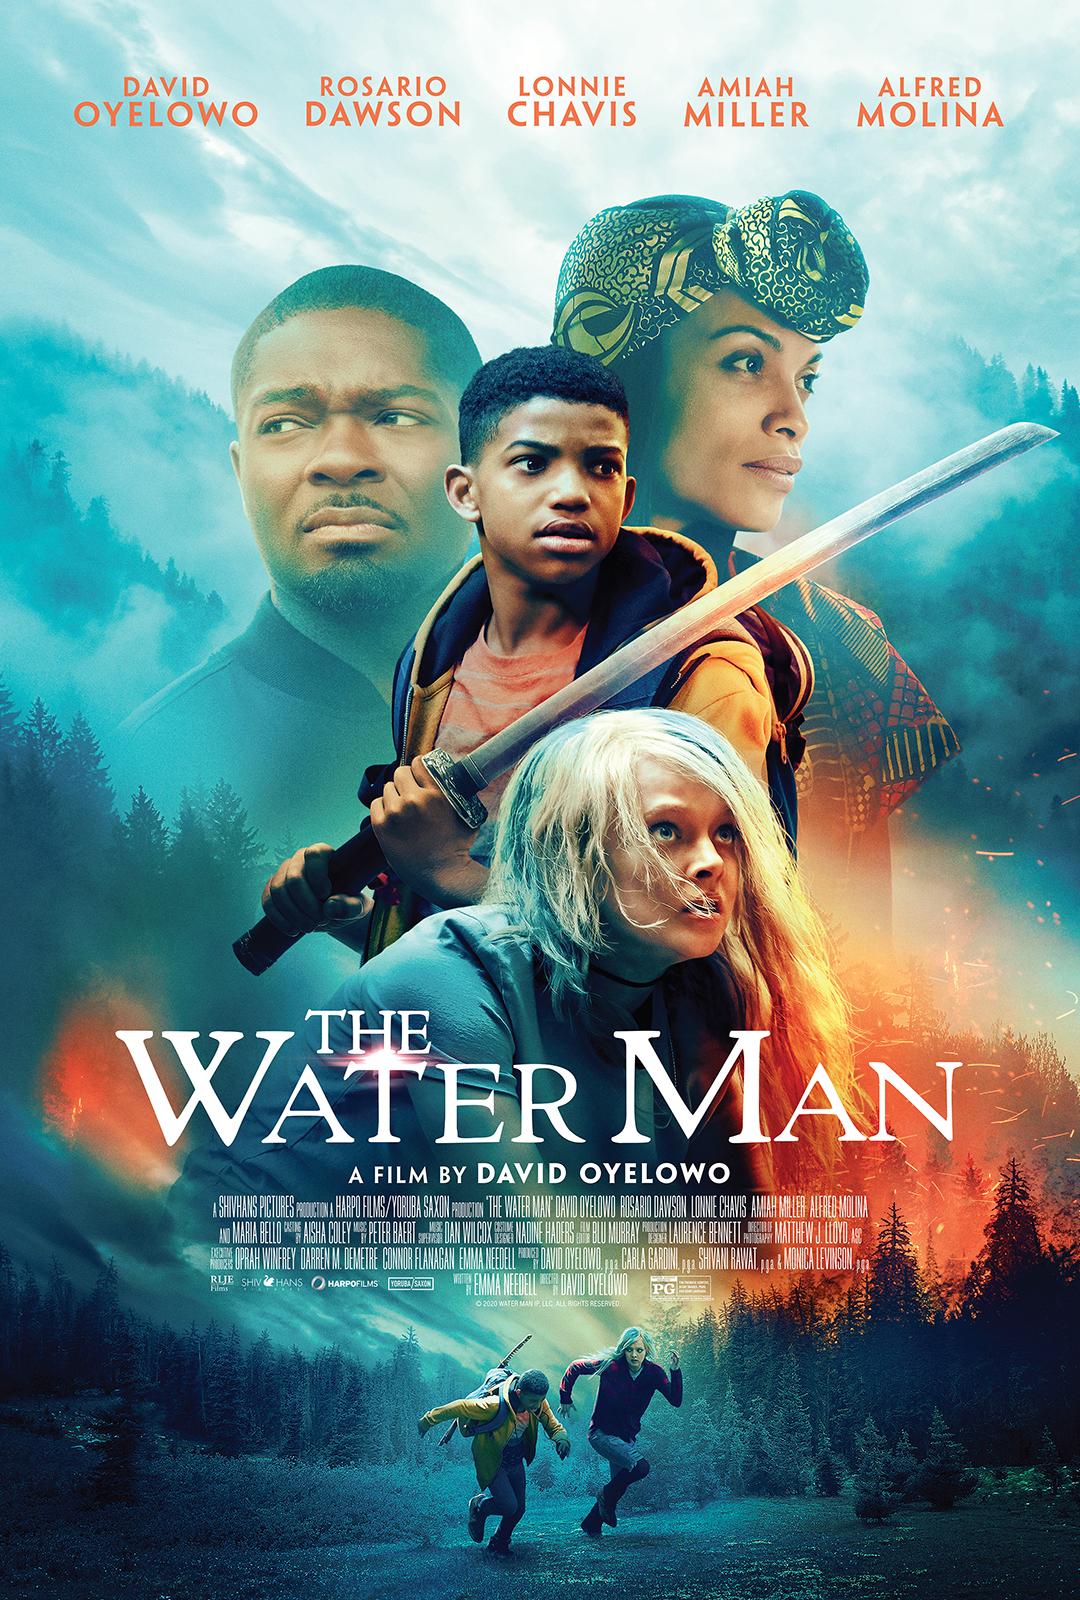 New Movie: 'The Water Man' Starring David Oyelowo, Rosario Dawson